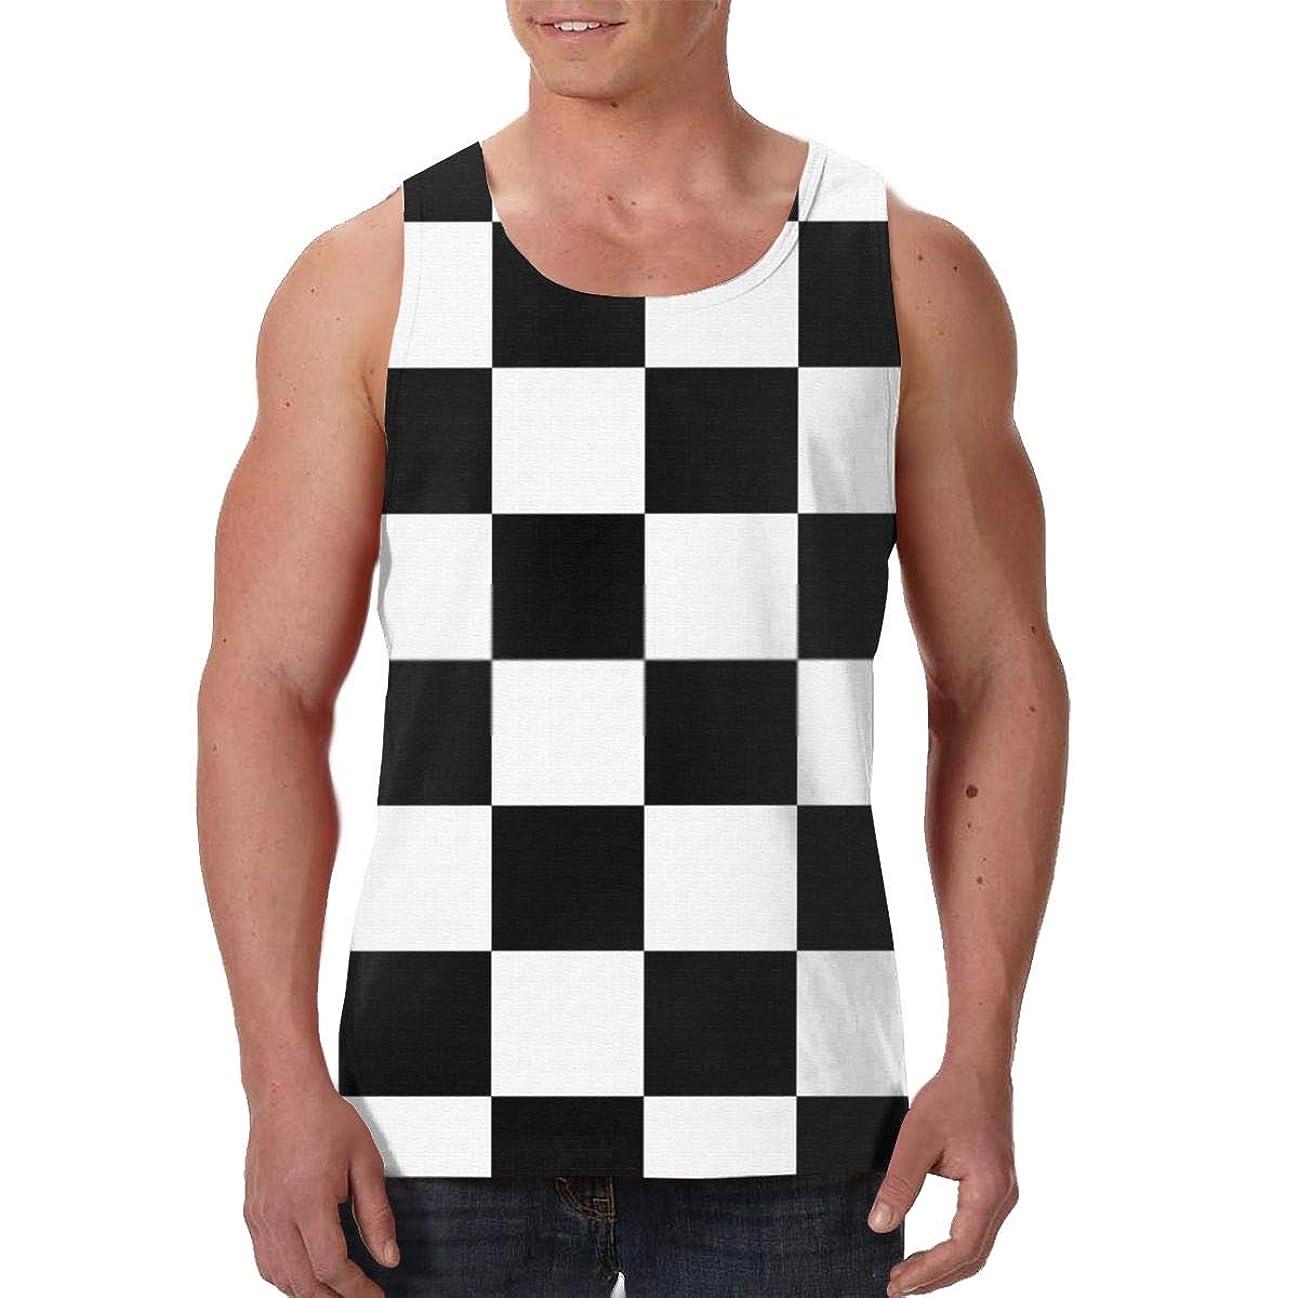 インキュバス白内障フックタンクトップ チェスのシームレスなパターン背景を落書き ノースリーブ フィットネス スポーツ トレーニング 筋トレ メンズ